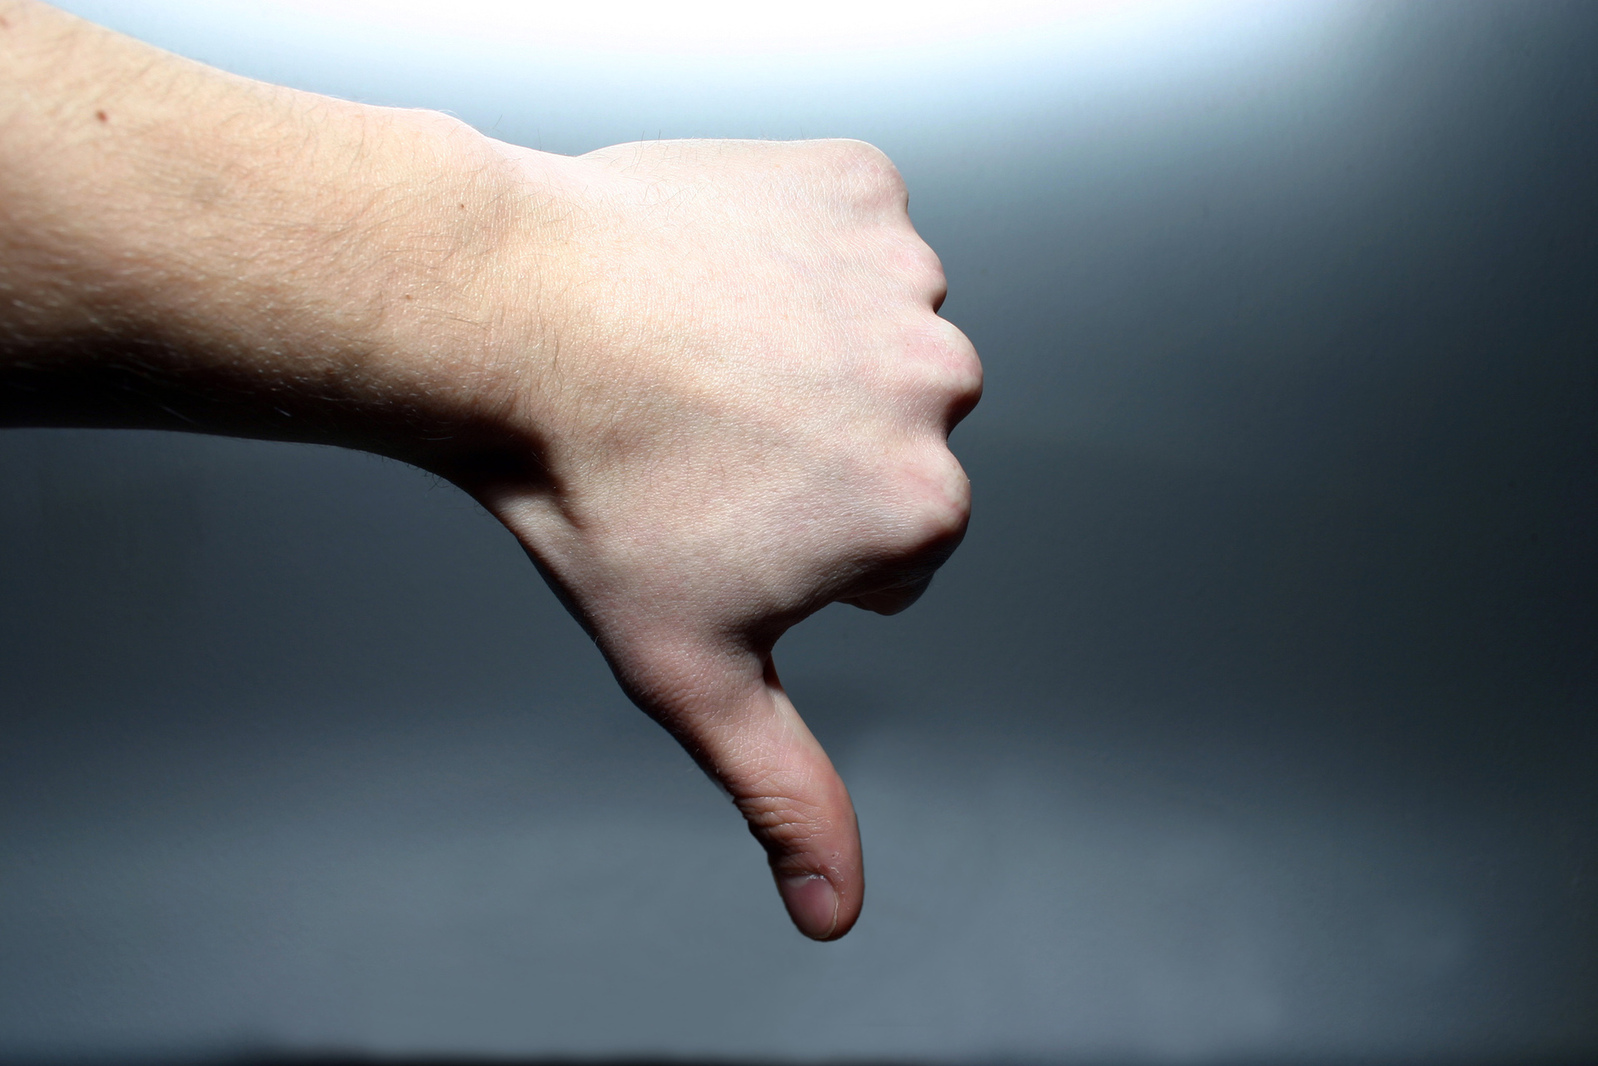 hands-thumbsdown-1520327-1598x1065